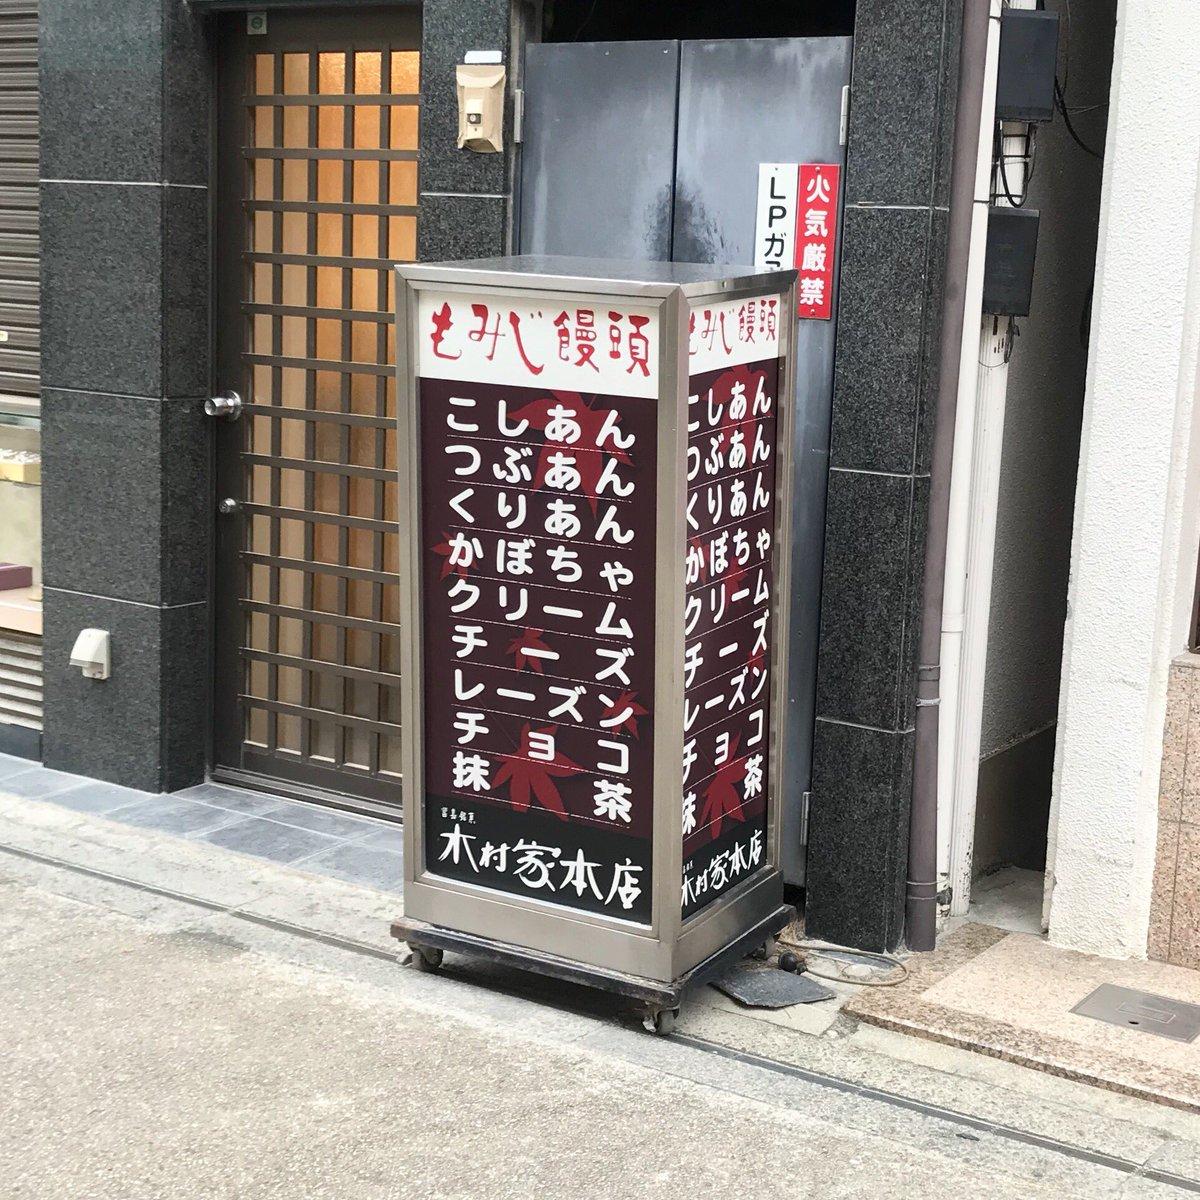 んんんゃムズンコ茶!!!!!!